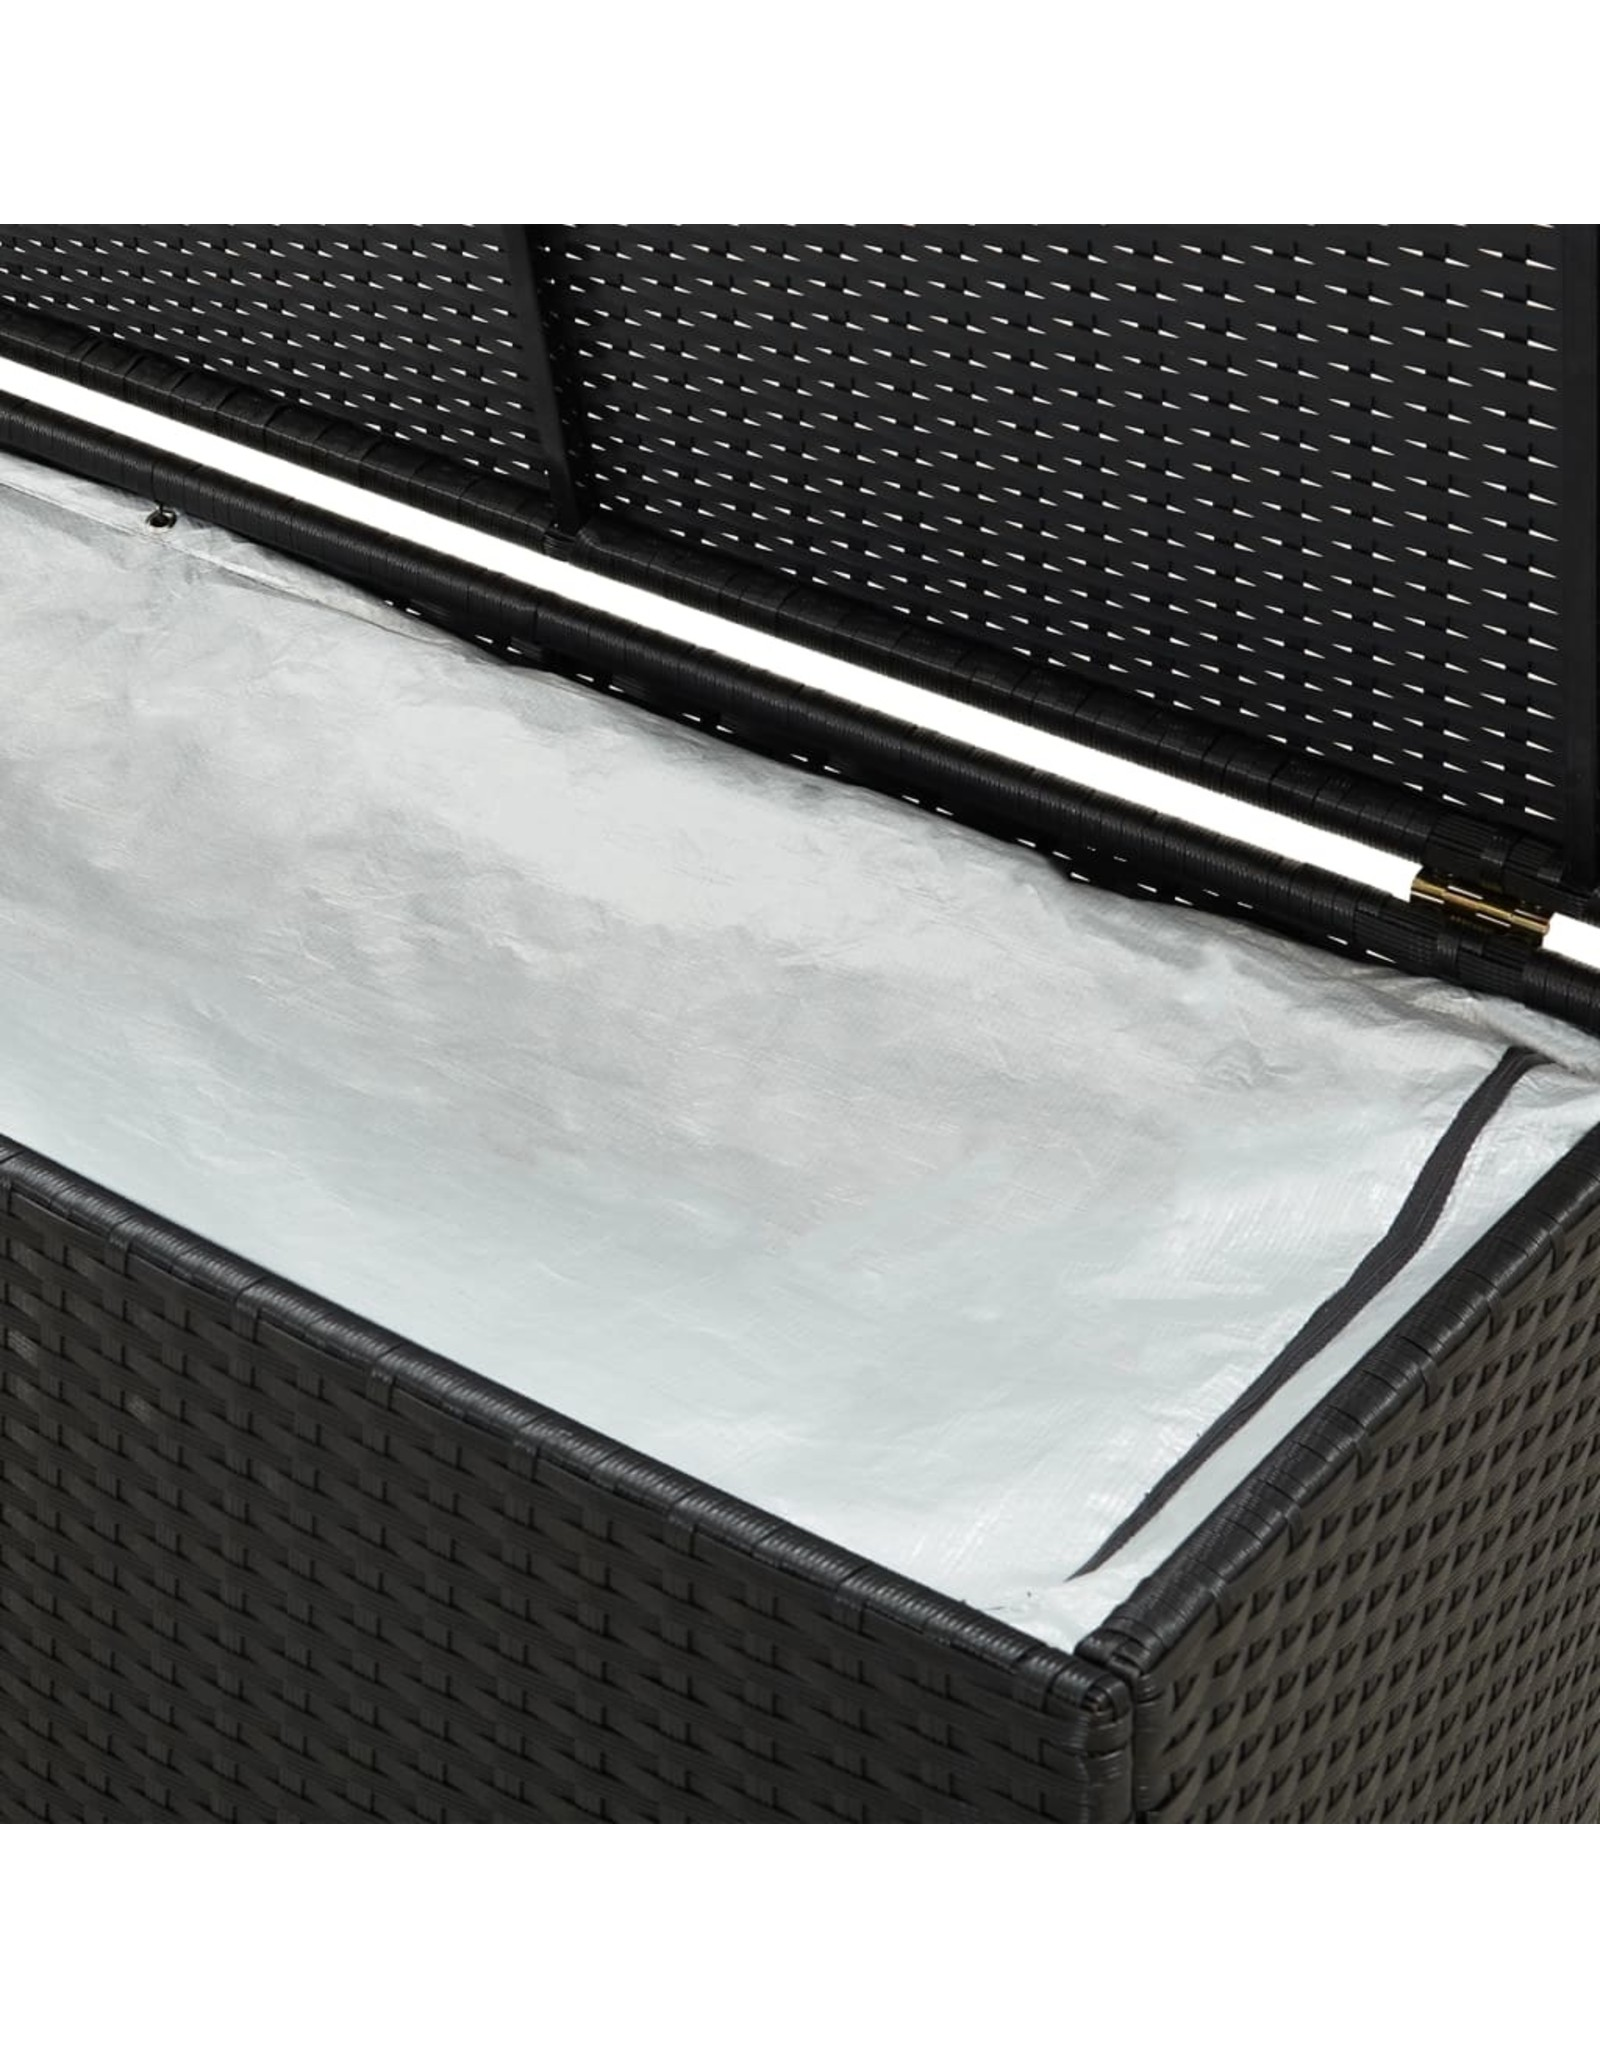 Tuinbox 200x50x60 cm poly rattan zwart